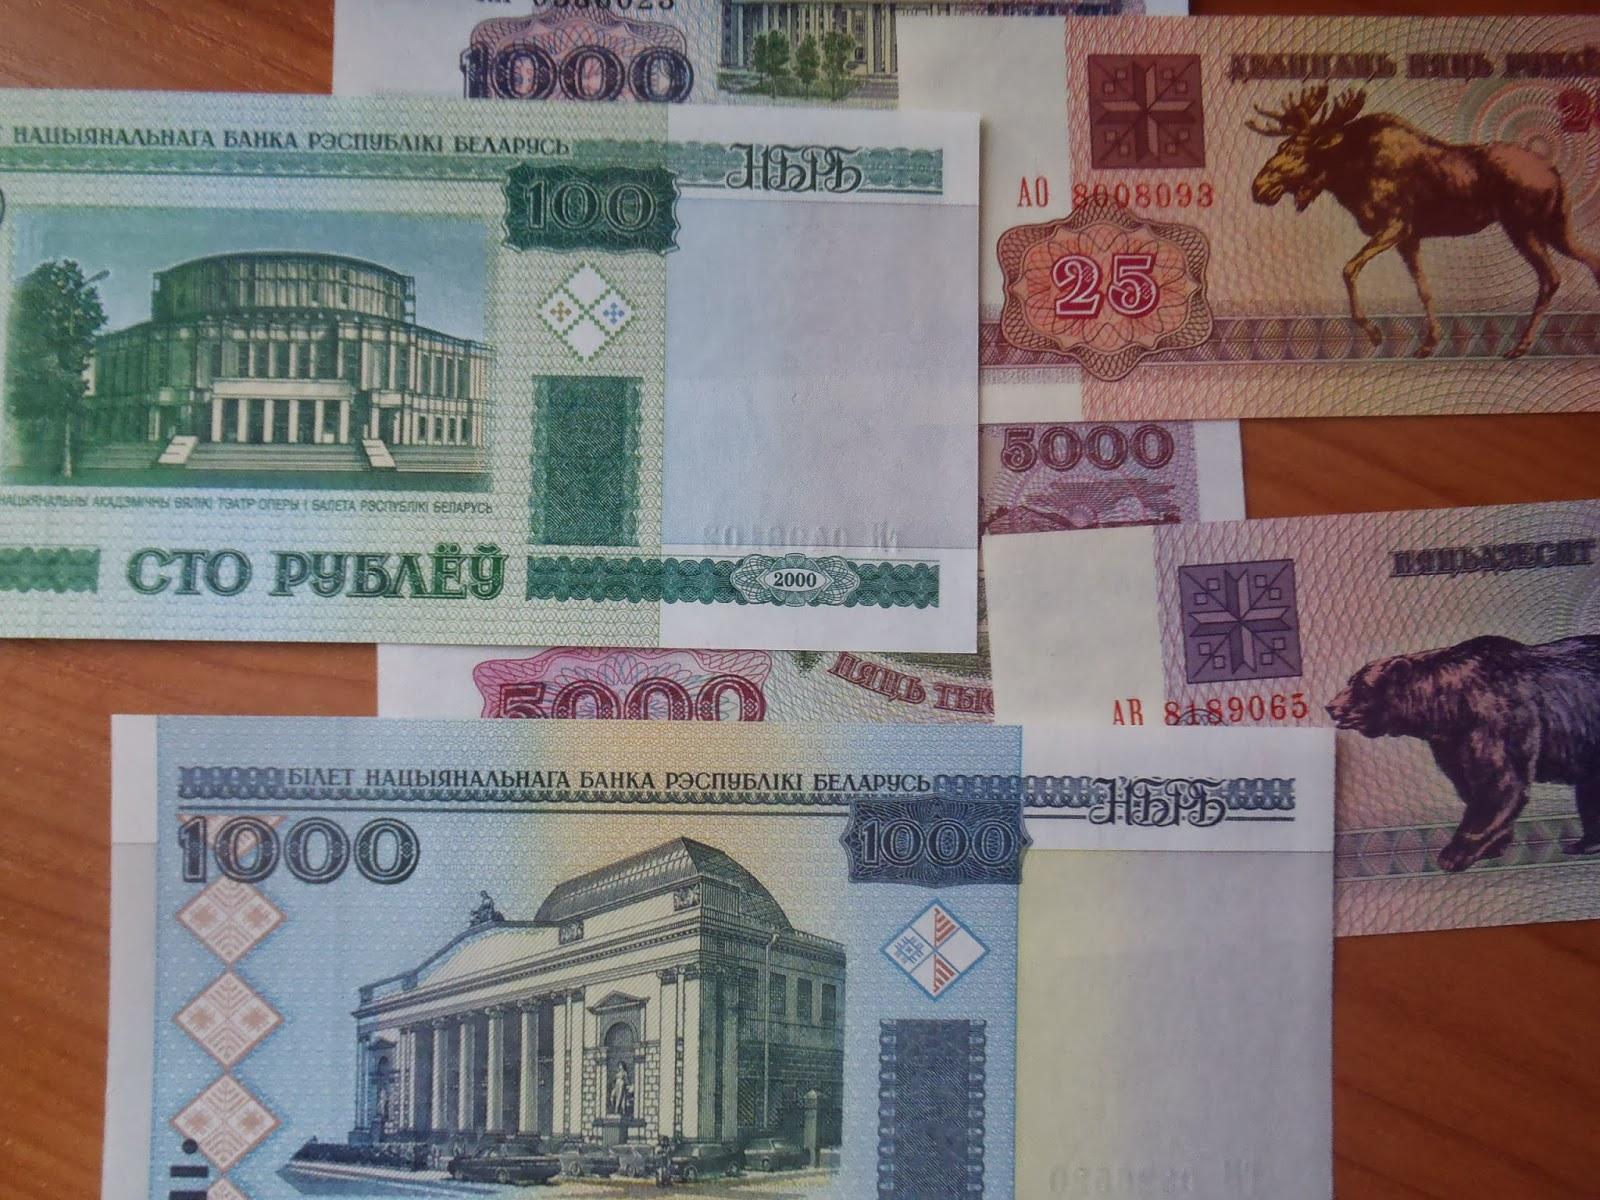 Например, перевод 100 тысяч белорусских рублей в российские на 05072016